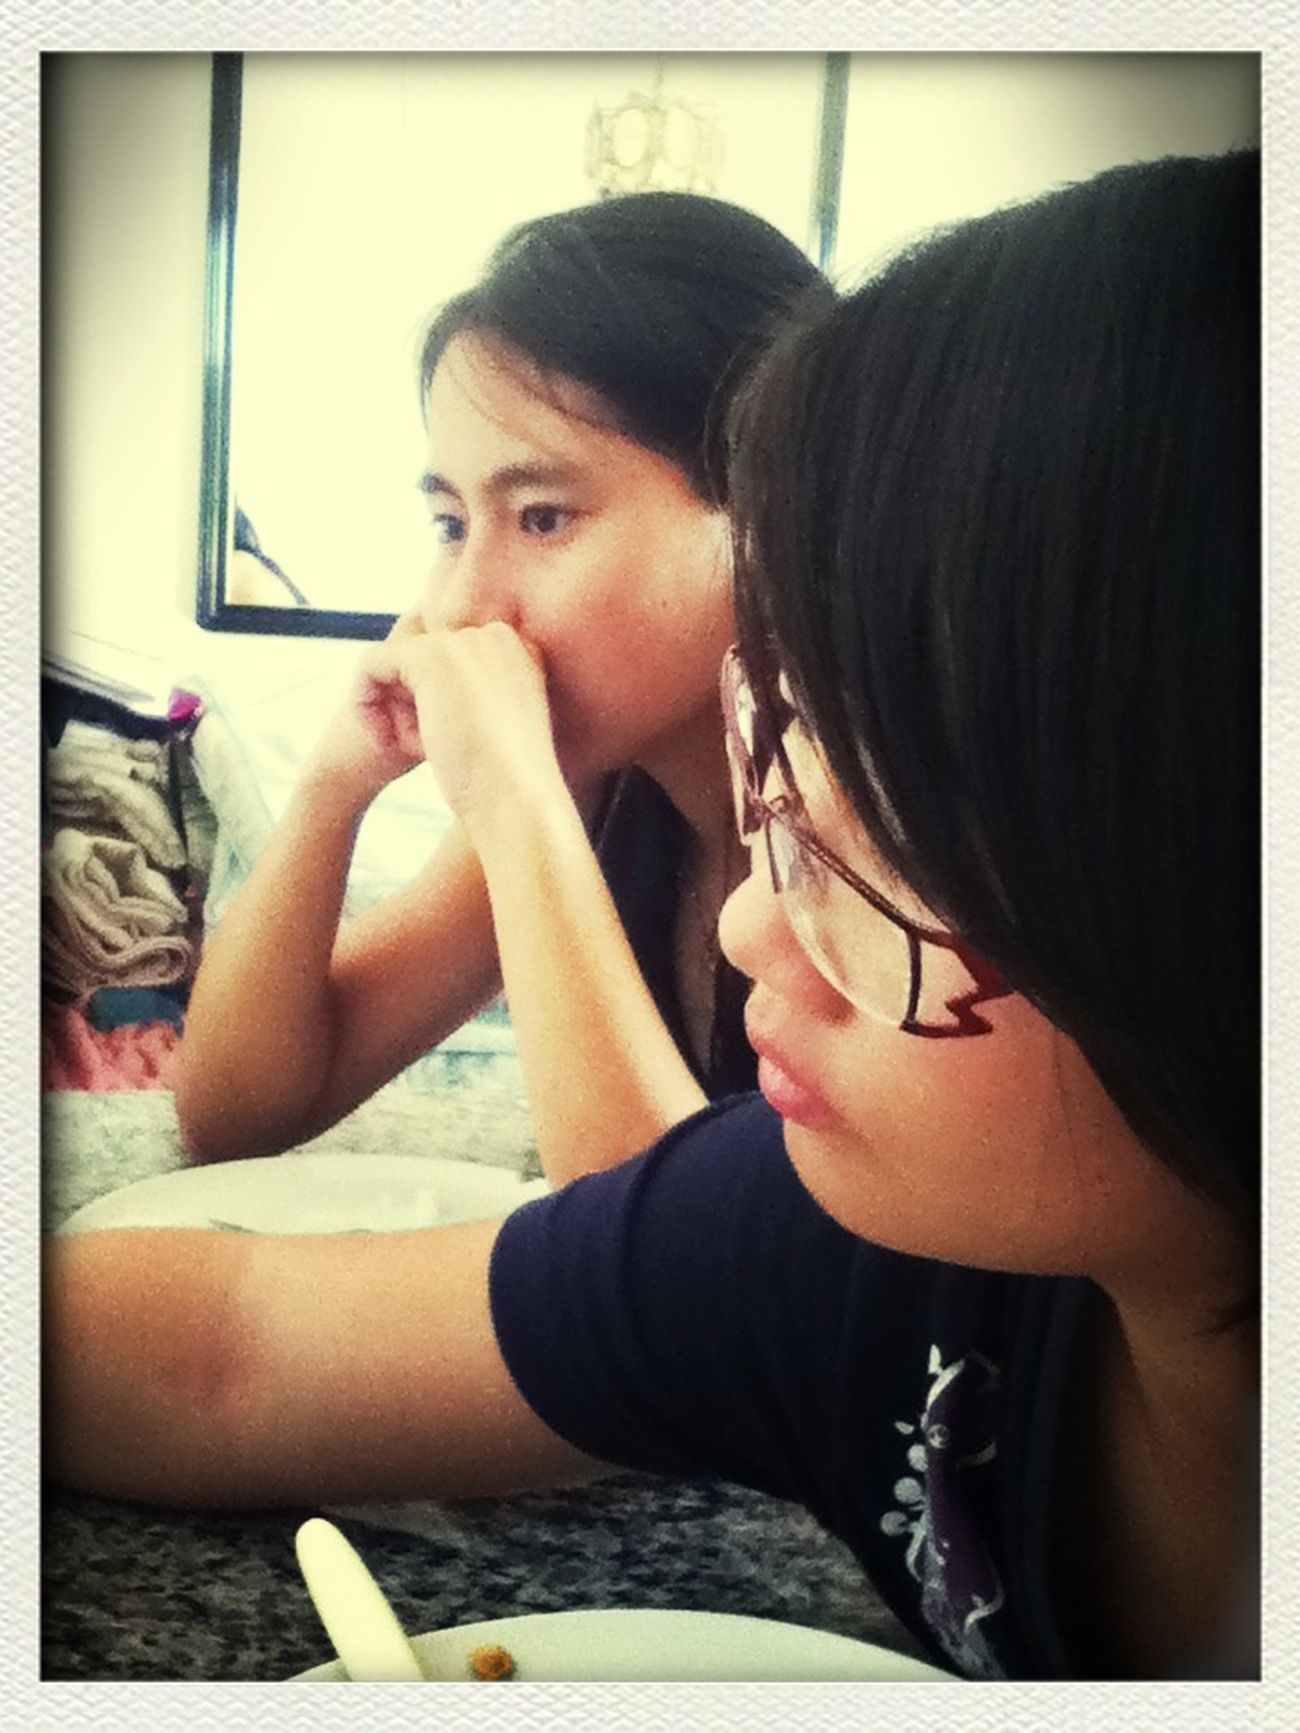 Lika Saiki e Carol almoçando junto. ;D